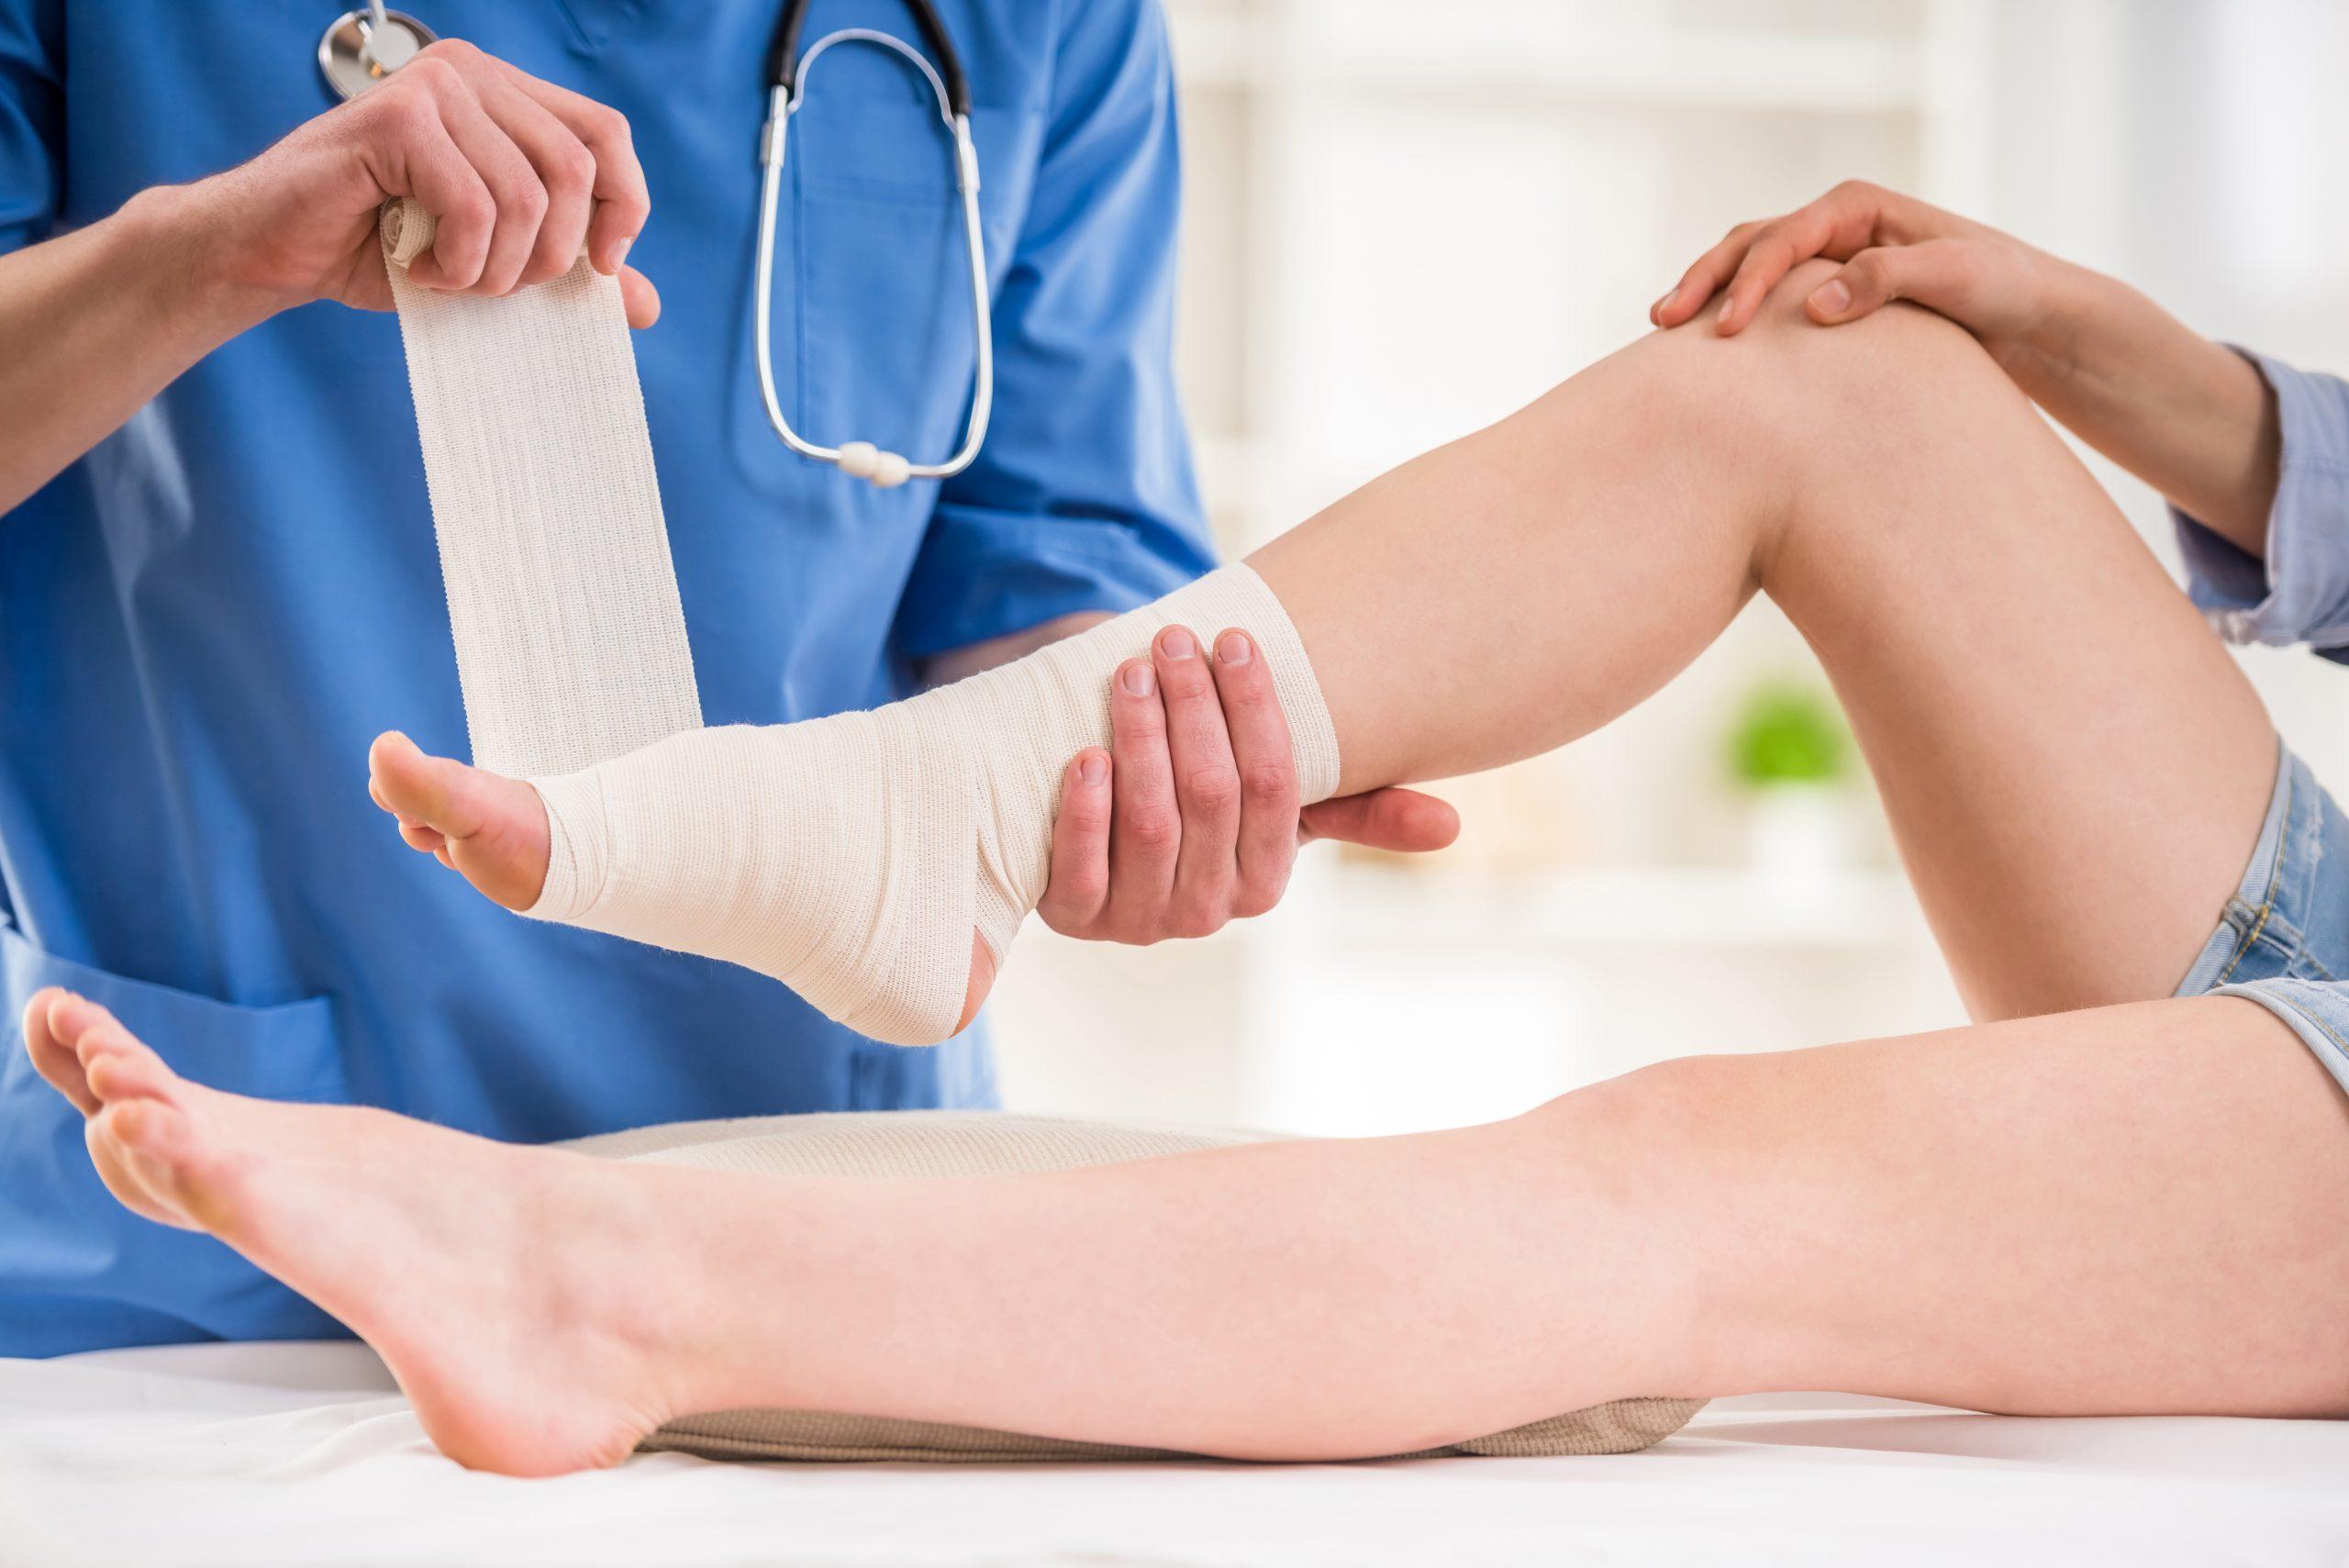 Bokaszalag szakadás kezelése a boka teljes felépüléséért